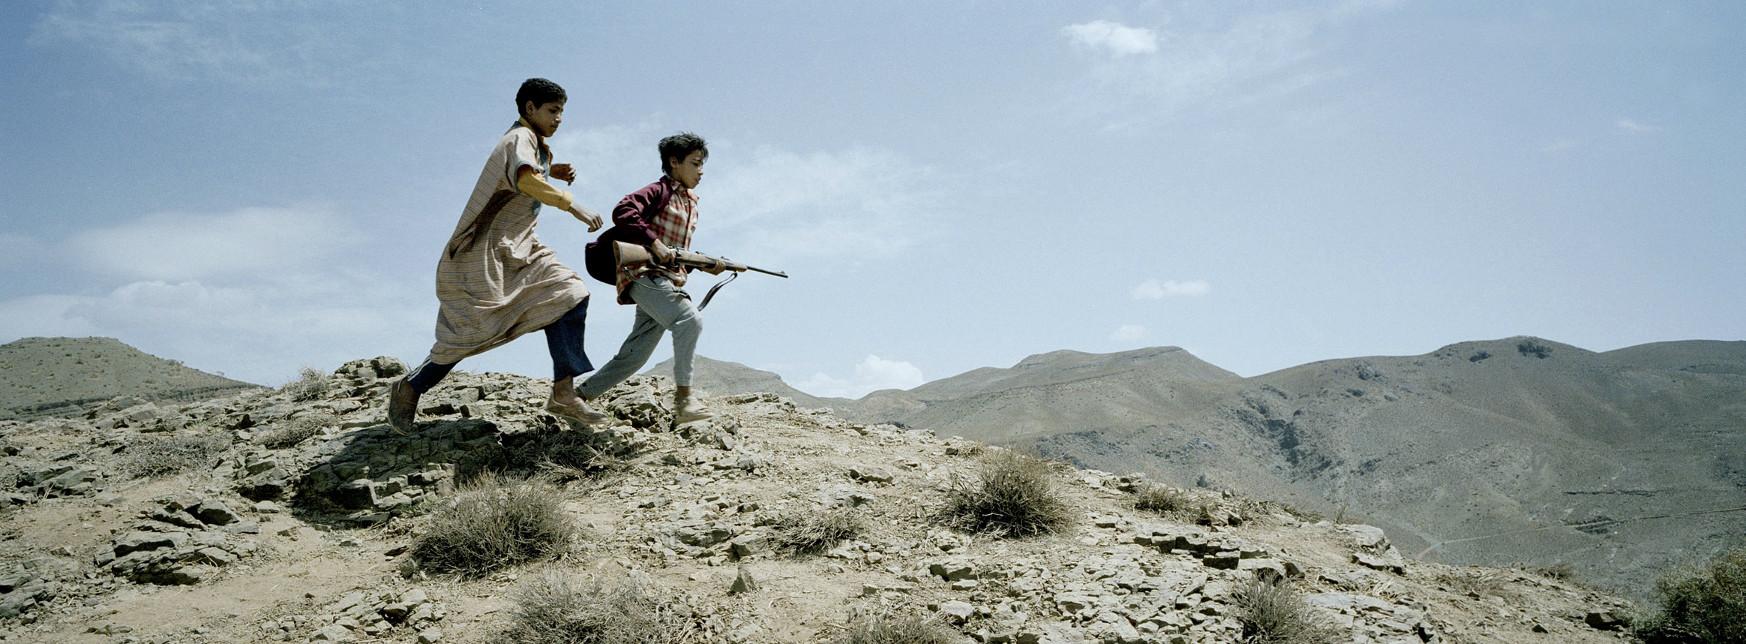 uno sguardo da vicino al pluripremiato cinema di Inarritu | Collater.al 2